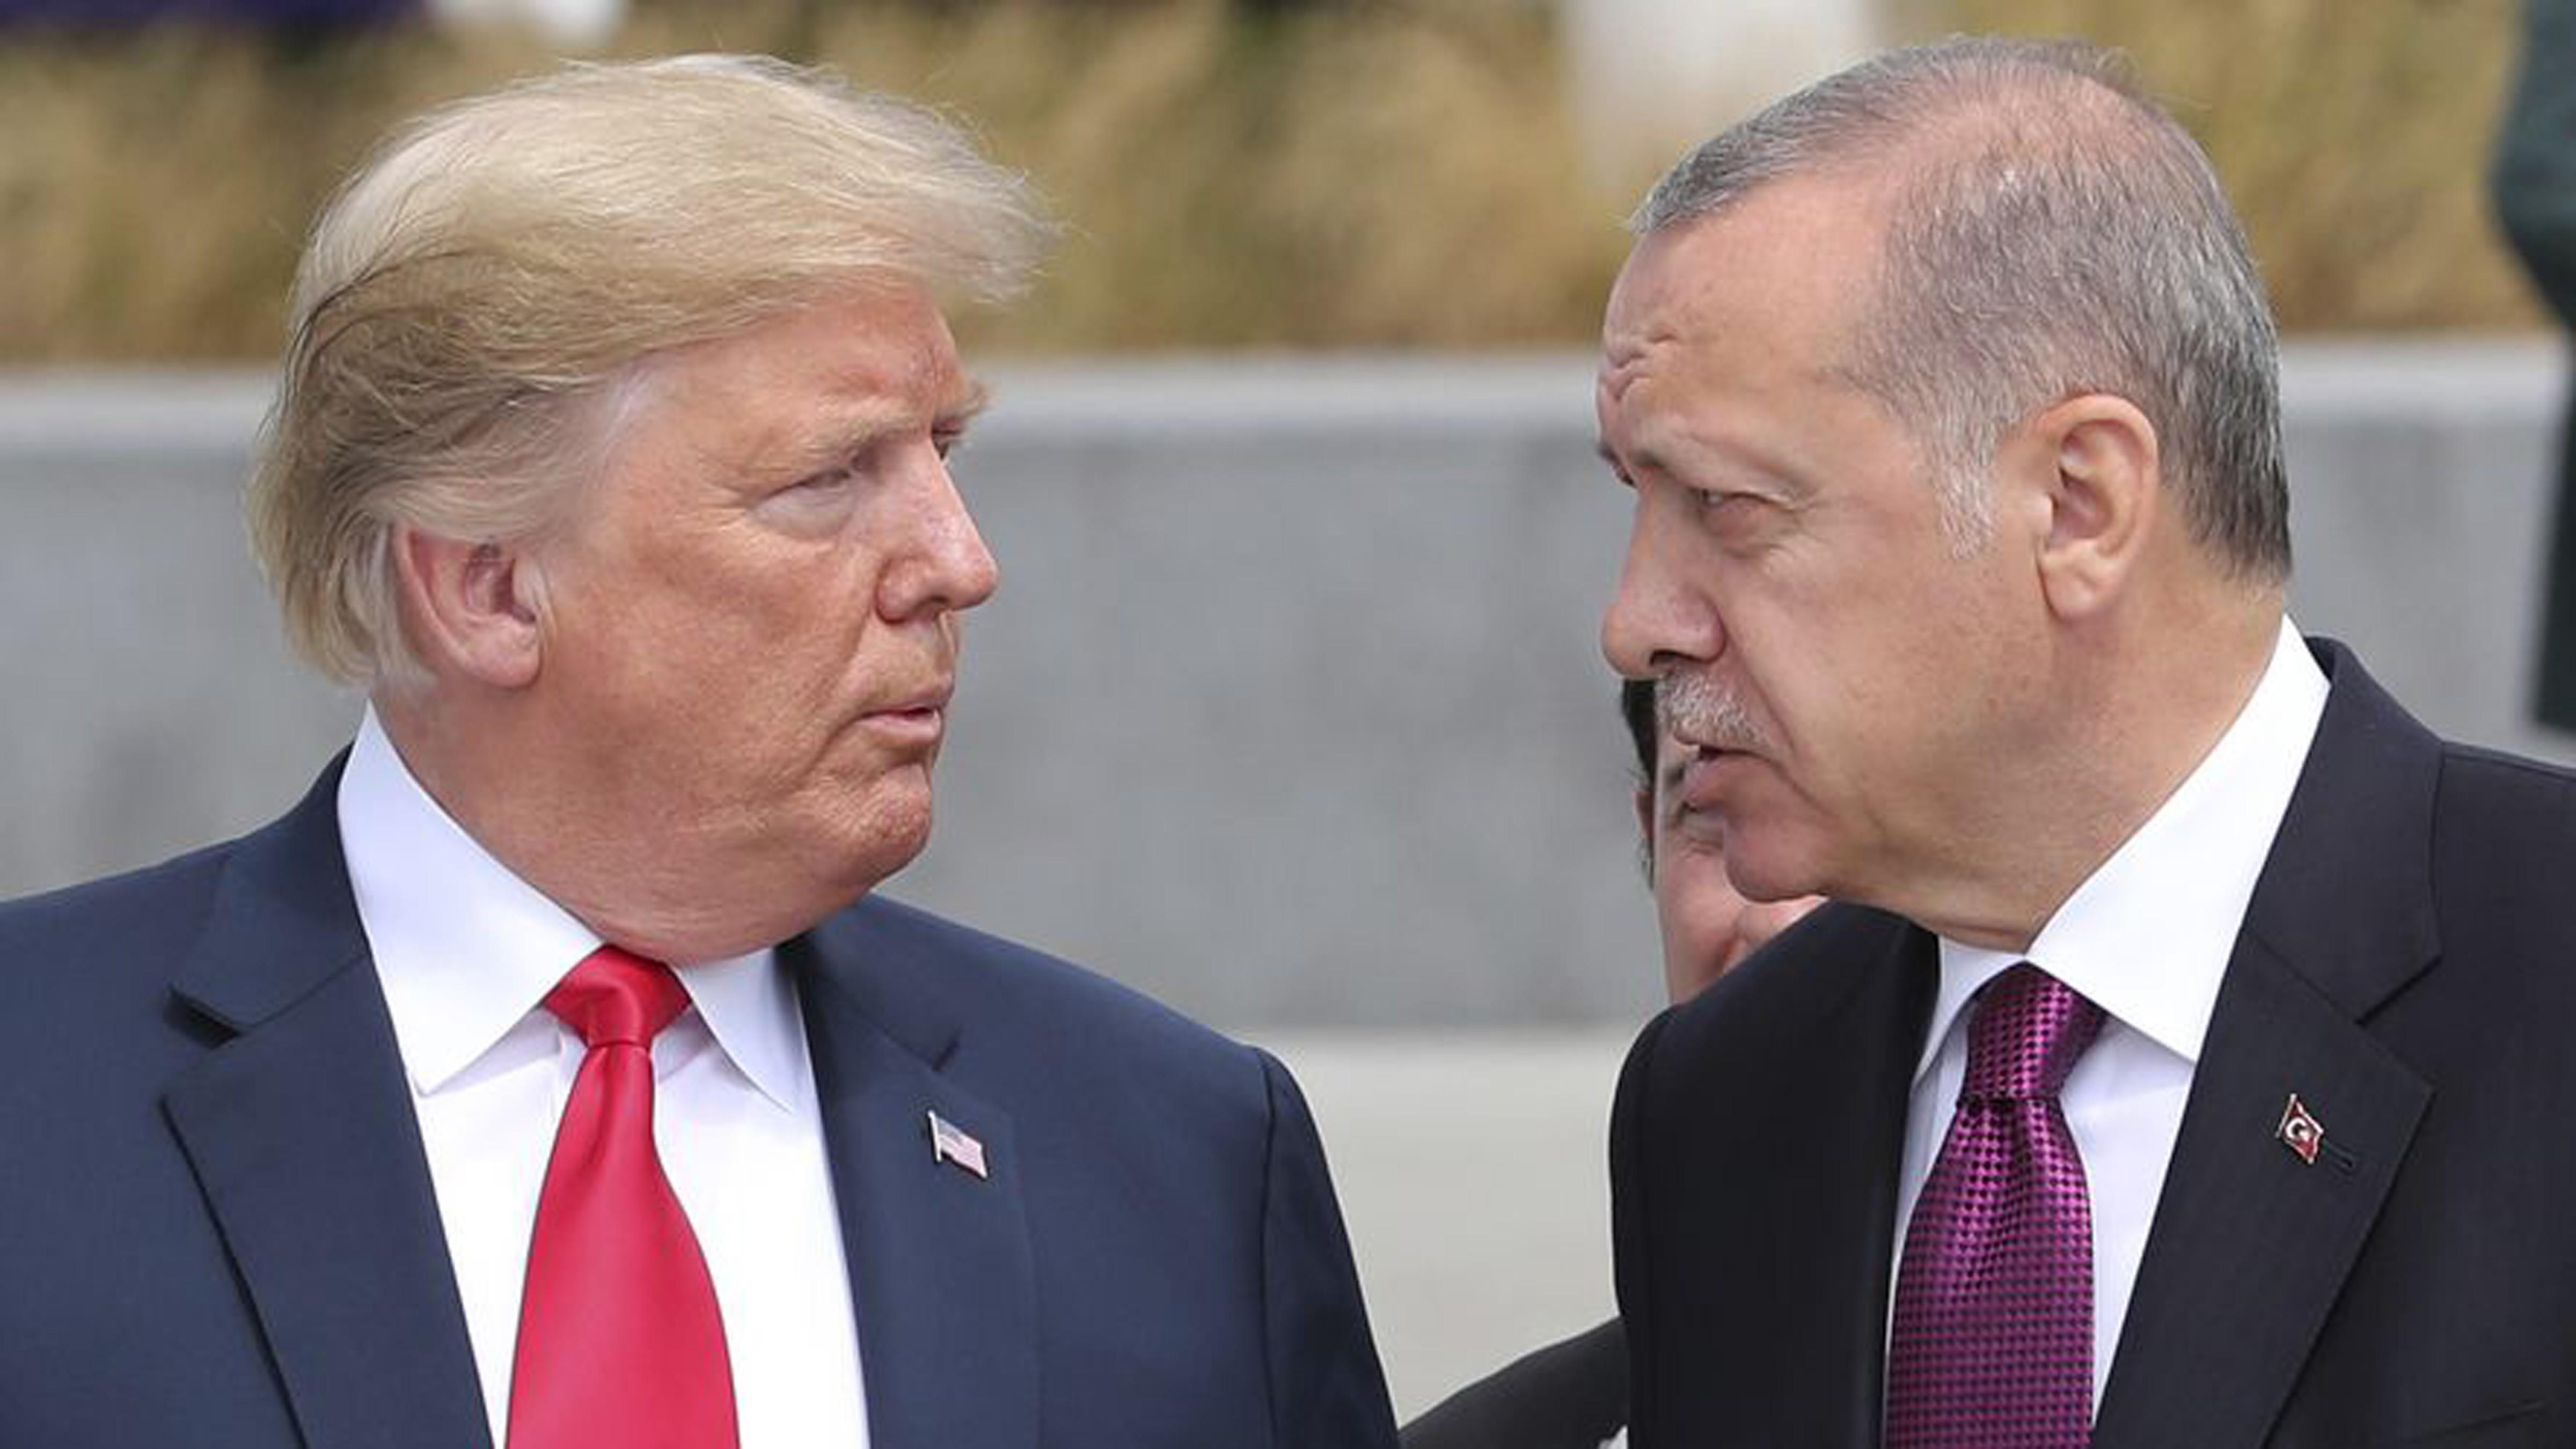 Mỹ - Thổ Nhĩ Kỳ: Đồng minh trong bất đồng (17/11/2019)